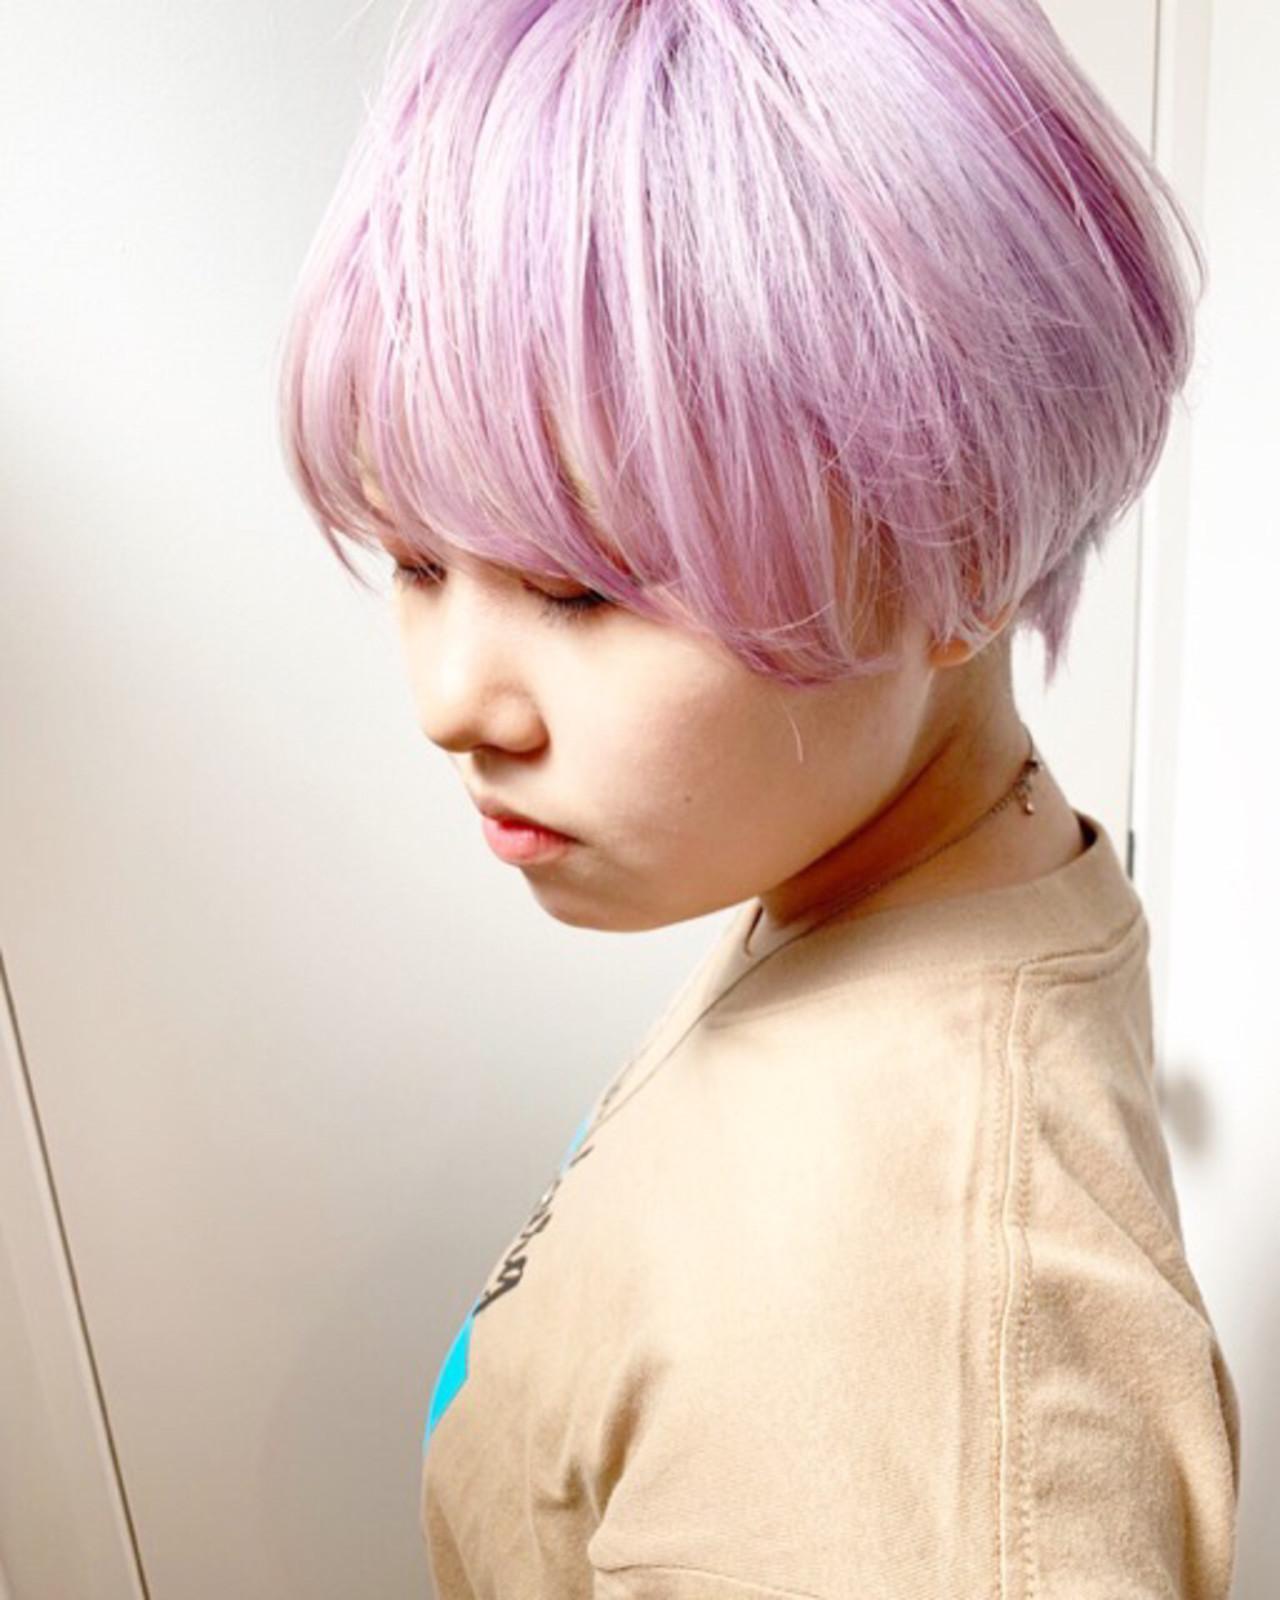 ピンクブラウン ピンクアッシュ ベリーピンク ラズベリーピンク ヘアスタイルや髪型の写真・画像